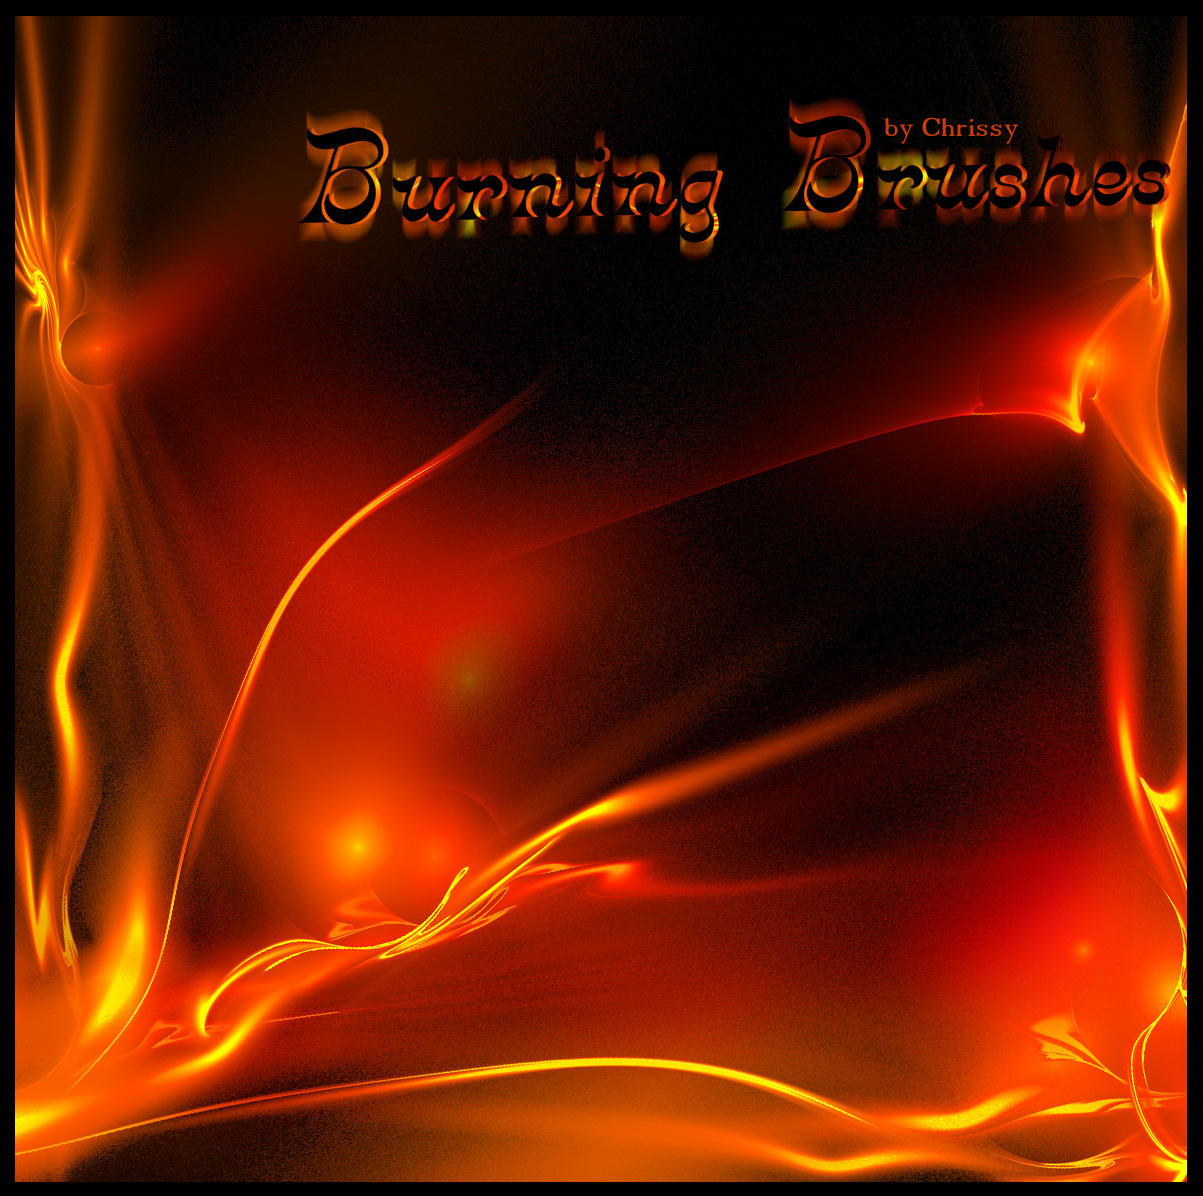 Burning Brushes by Chrissy79